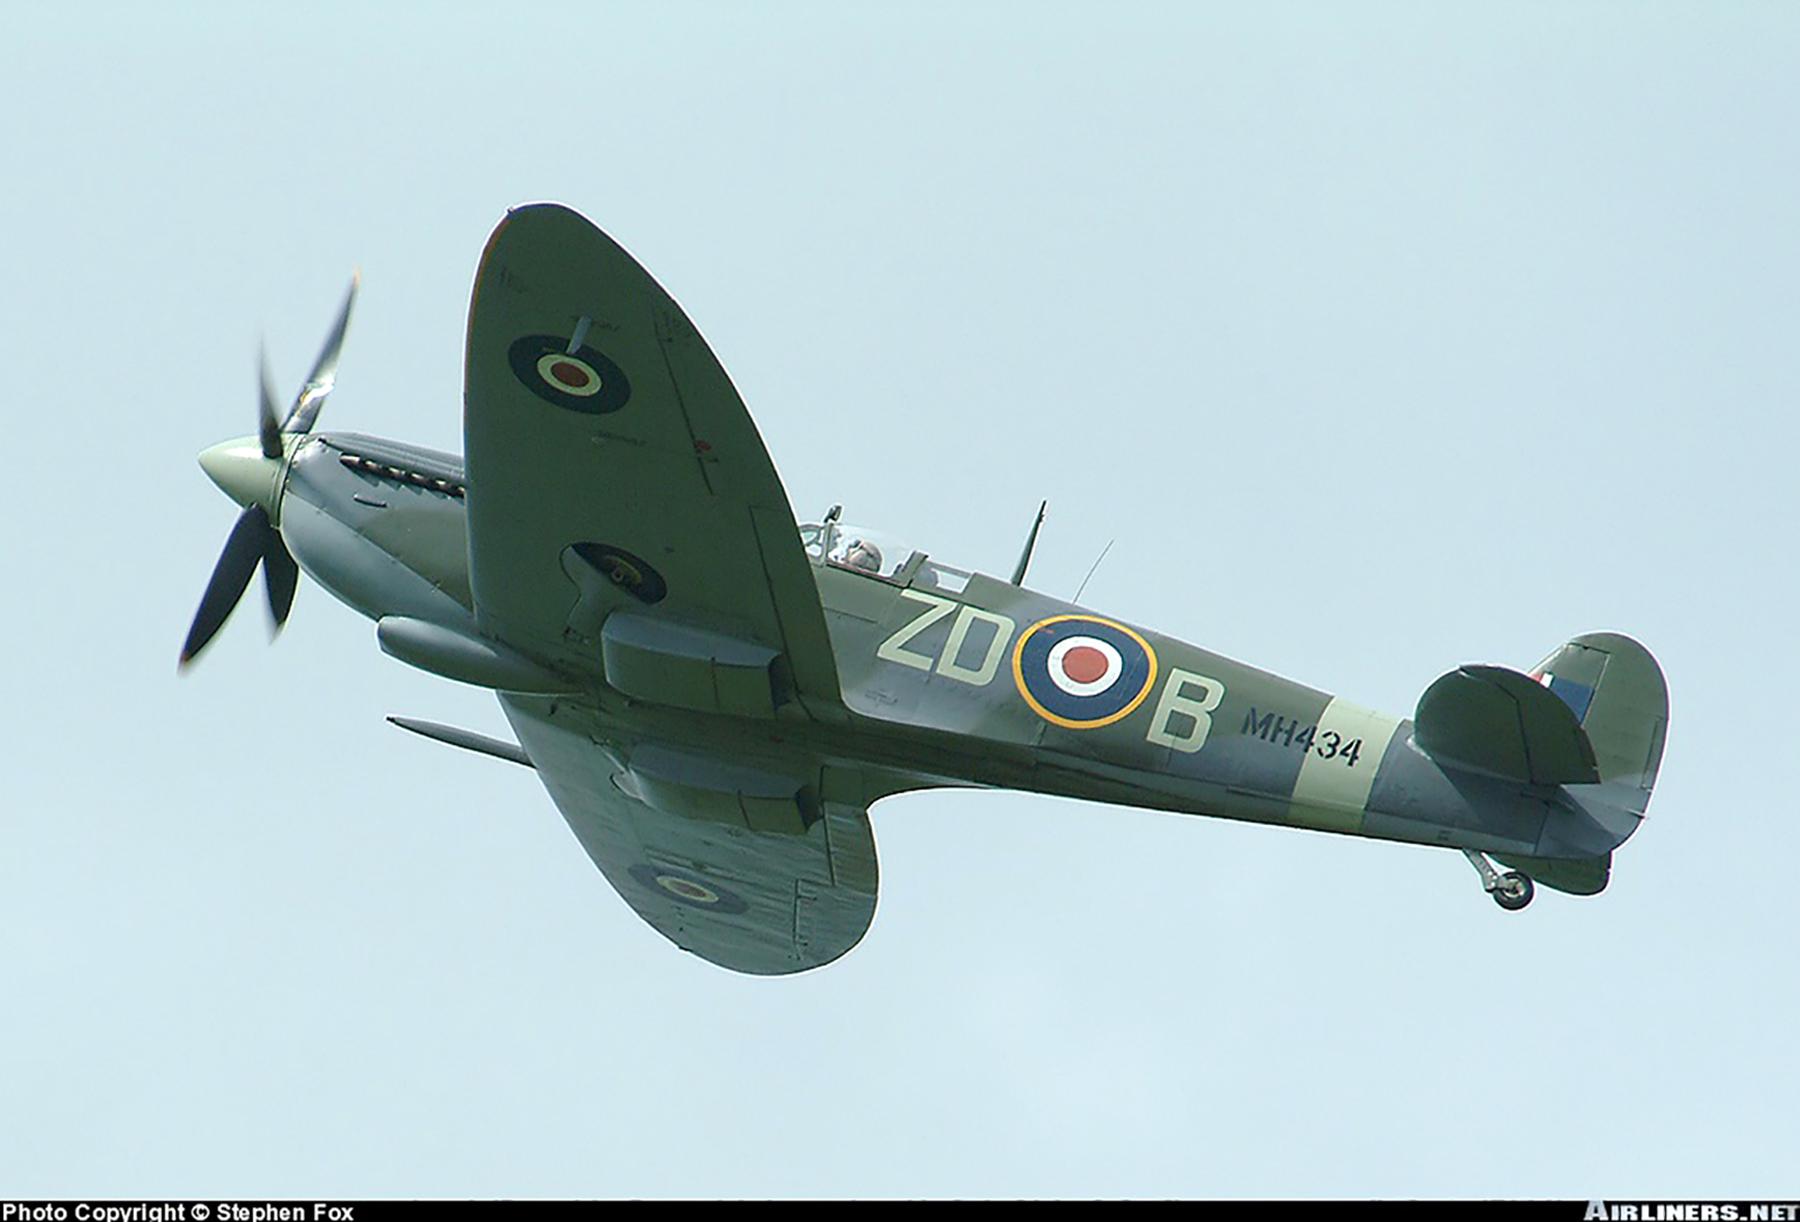 Airworthy Spitfire warbird RAF 222Sqn ZDB MH434 England 10